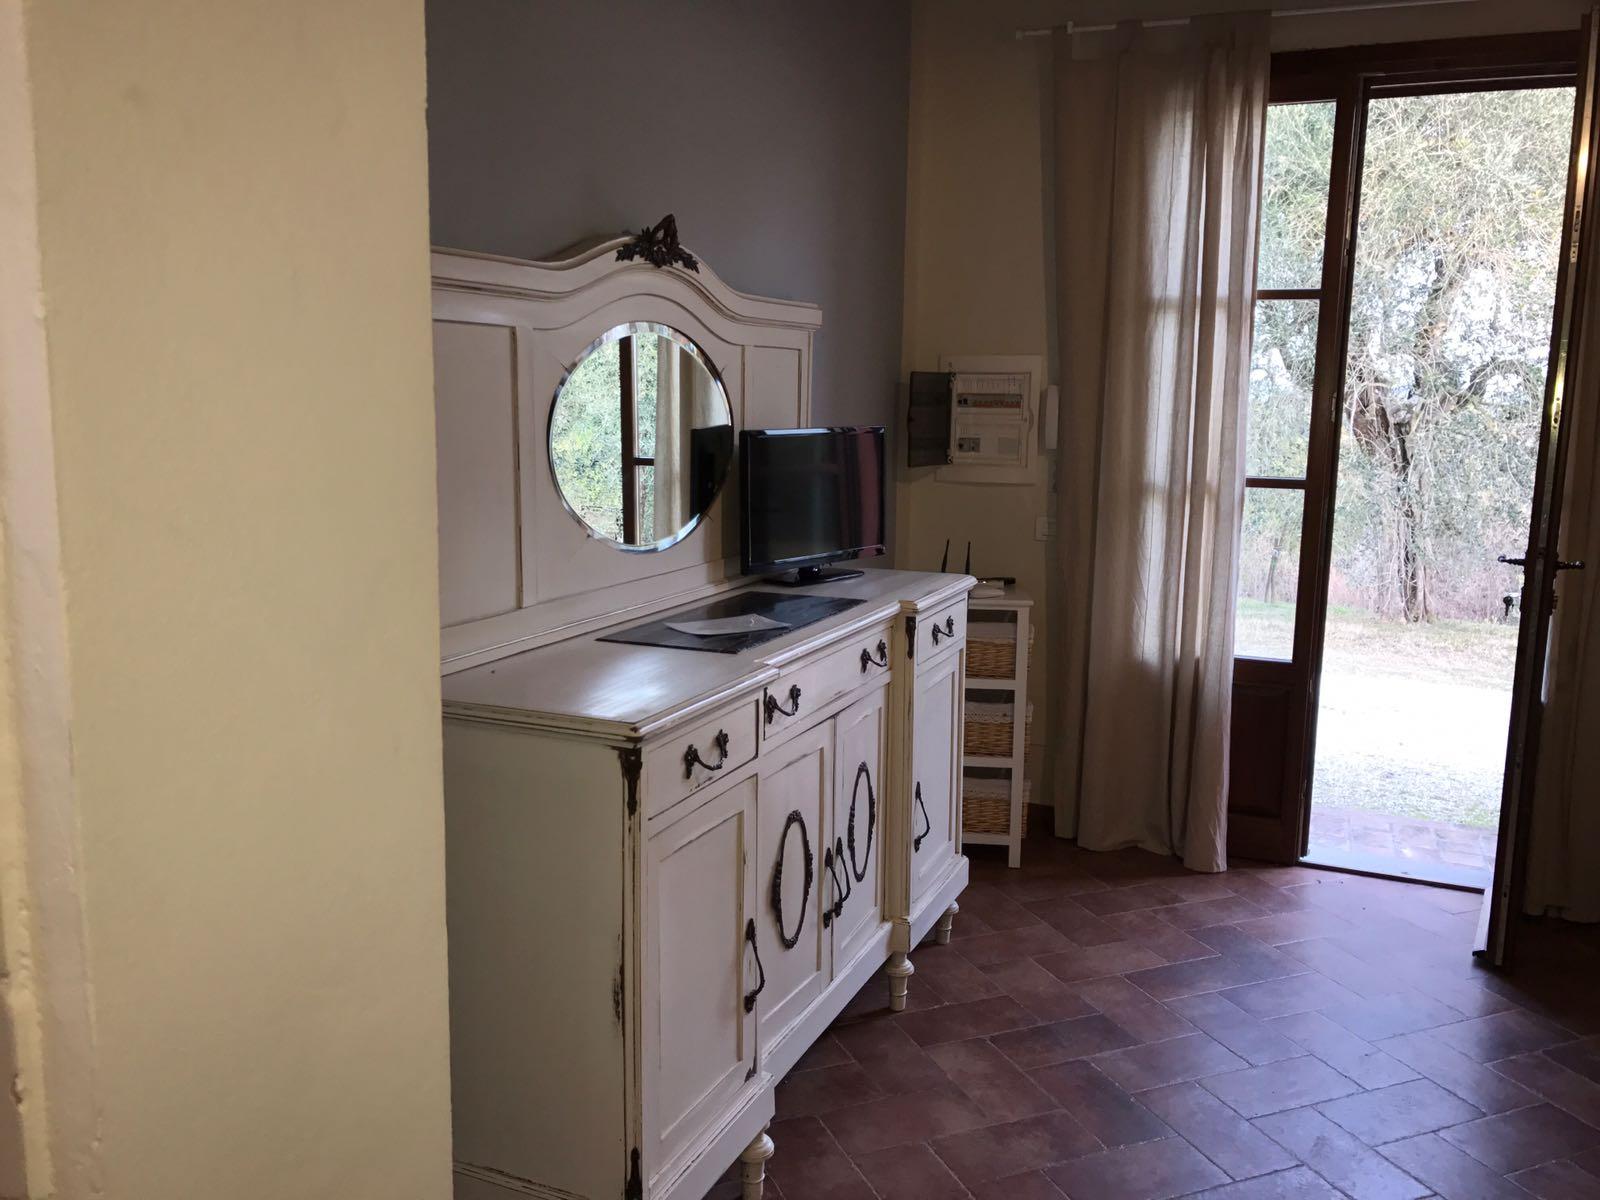 Appartamento in affitto a San Miniato, 3 locali, zona Località: PonteaEgola, prezzo € 1.210 | Cambio Casa.it